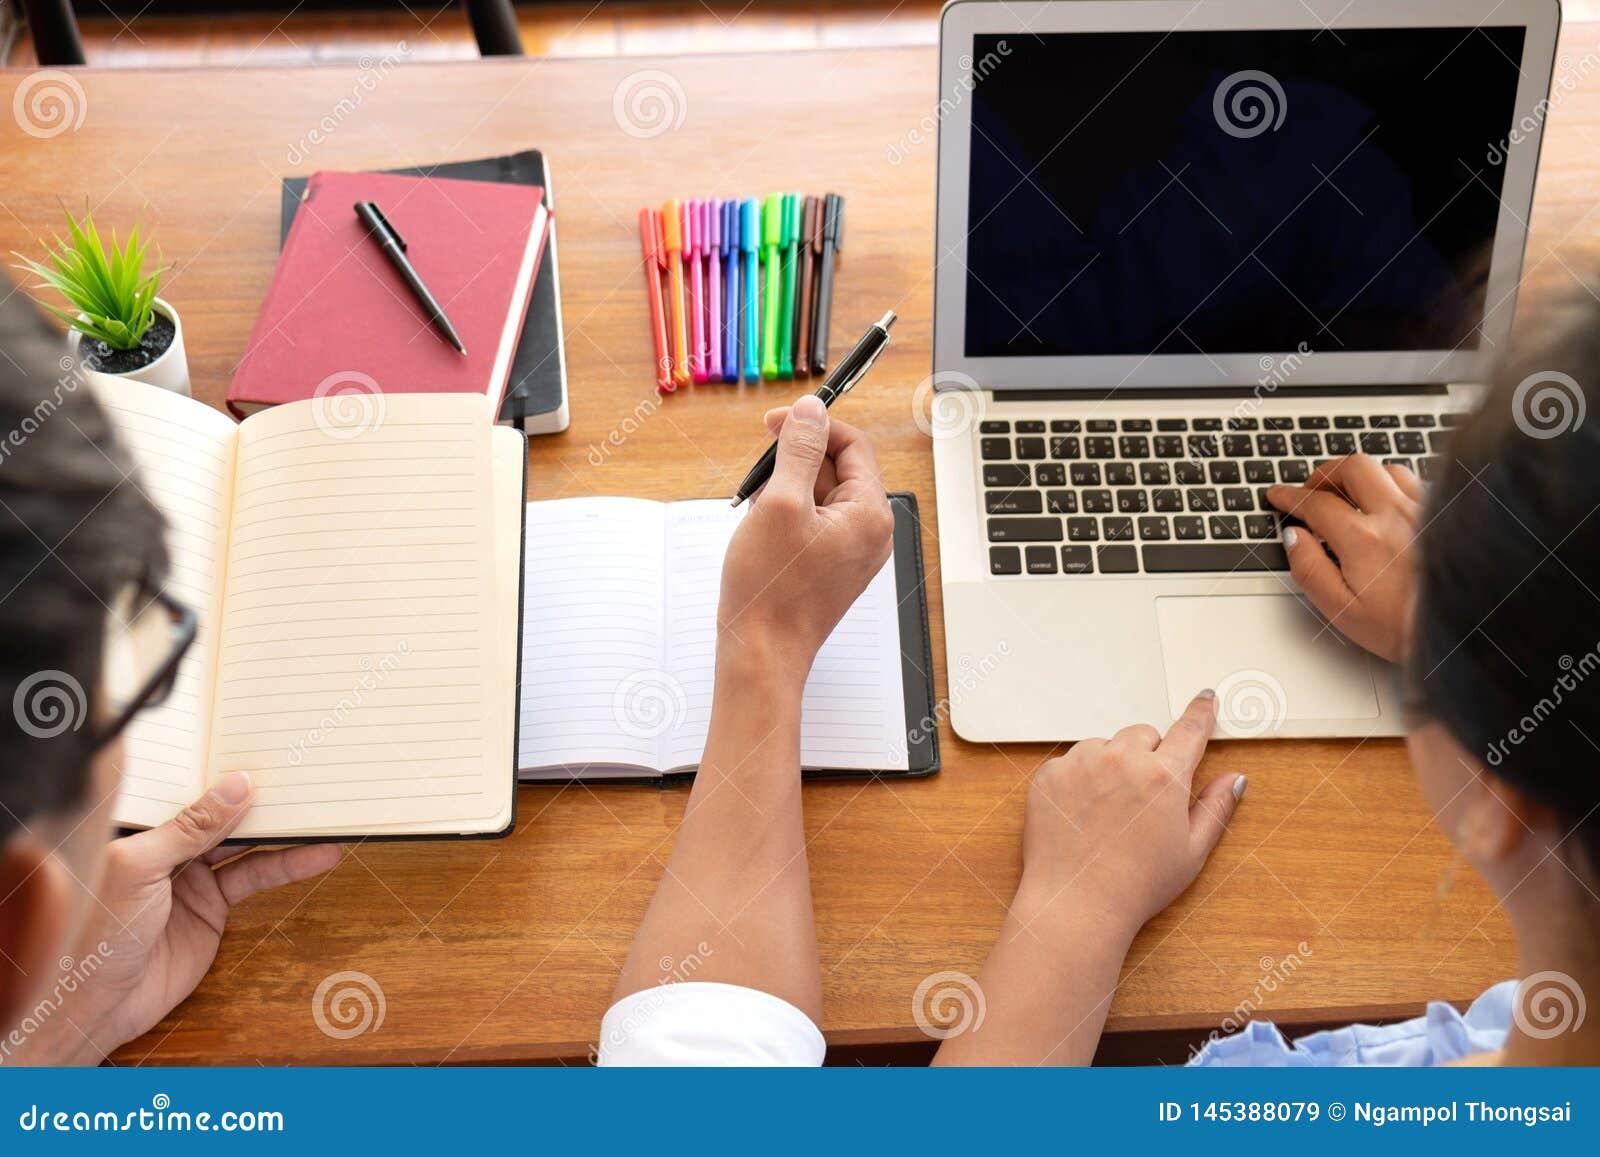 Grupp av ungdomarsom l?r studera kurs i arkiv under att hj?lpa undervisa v?nutbildning f?r att f?rbereda sig f?r examen, ungdomun